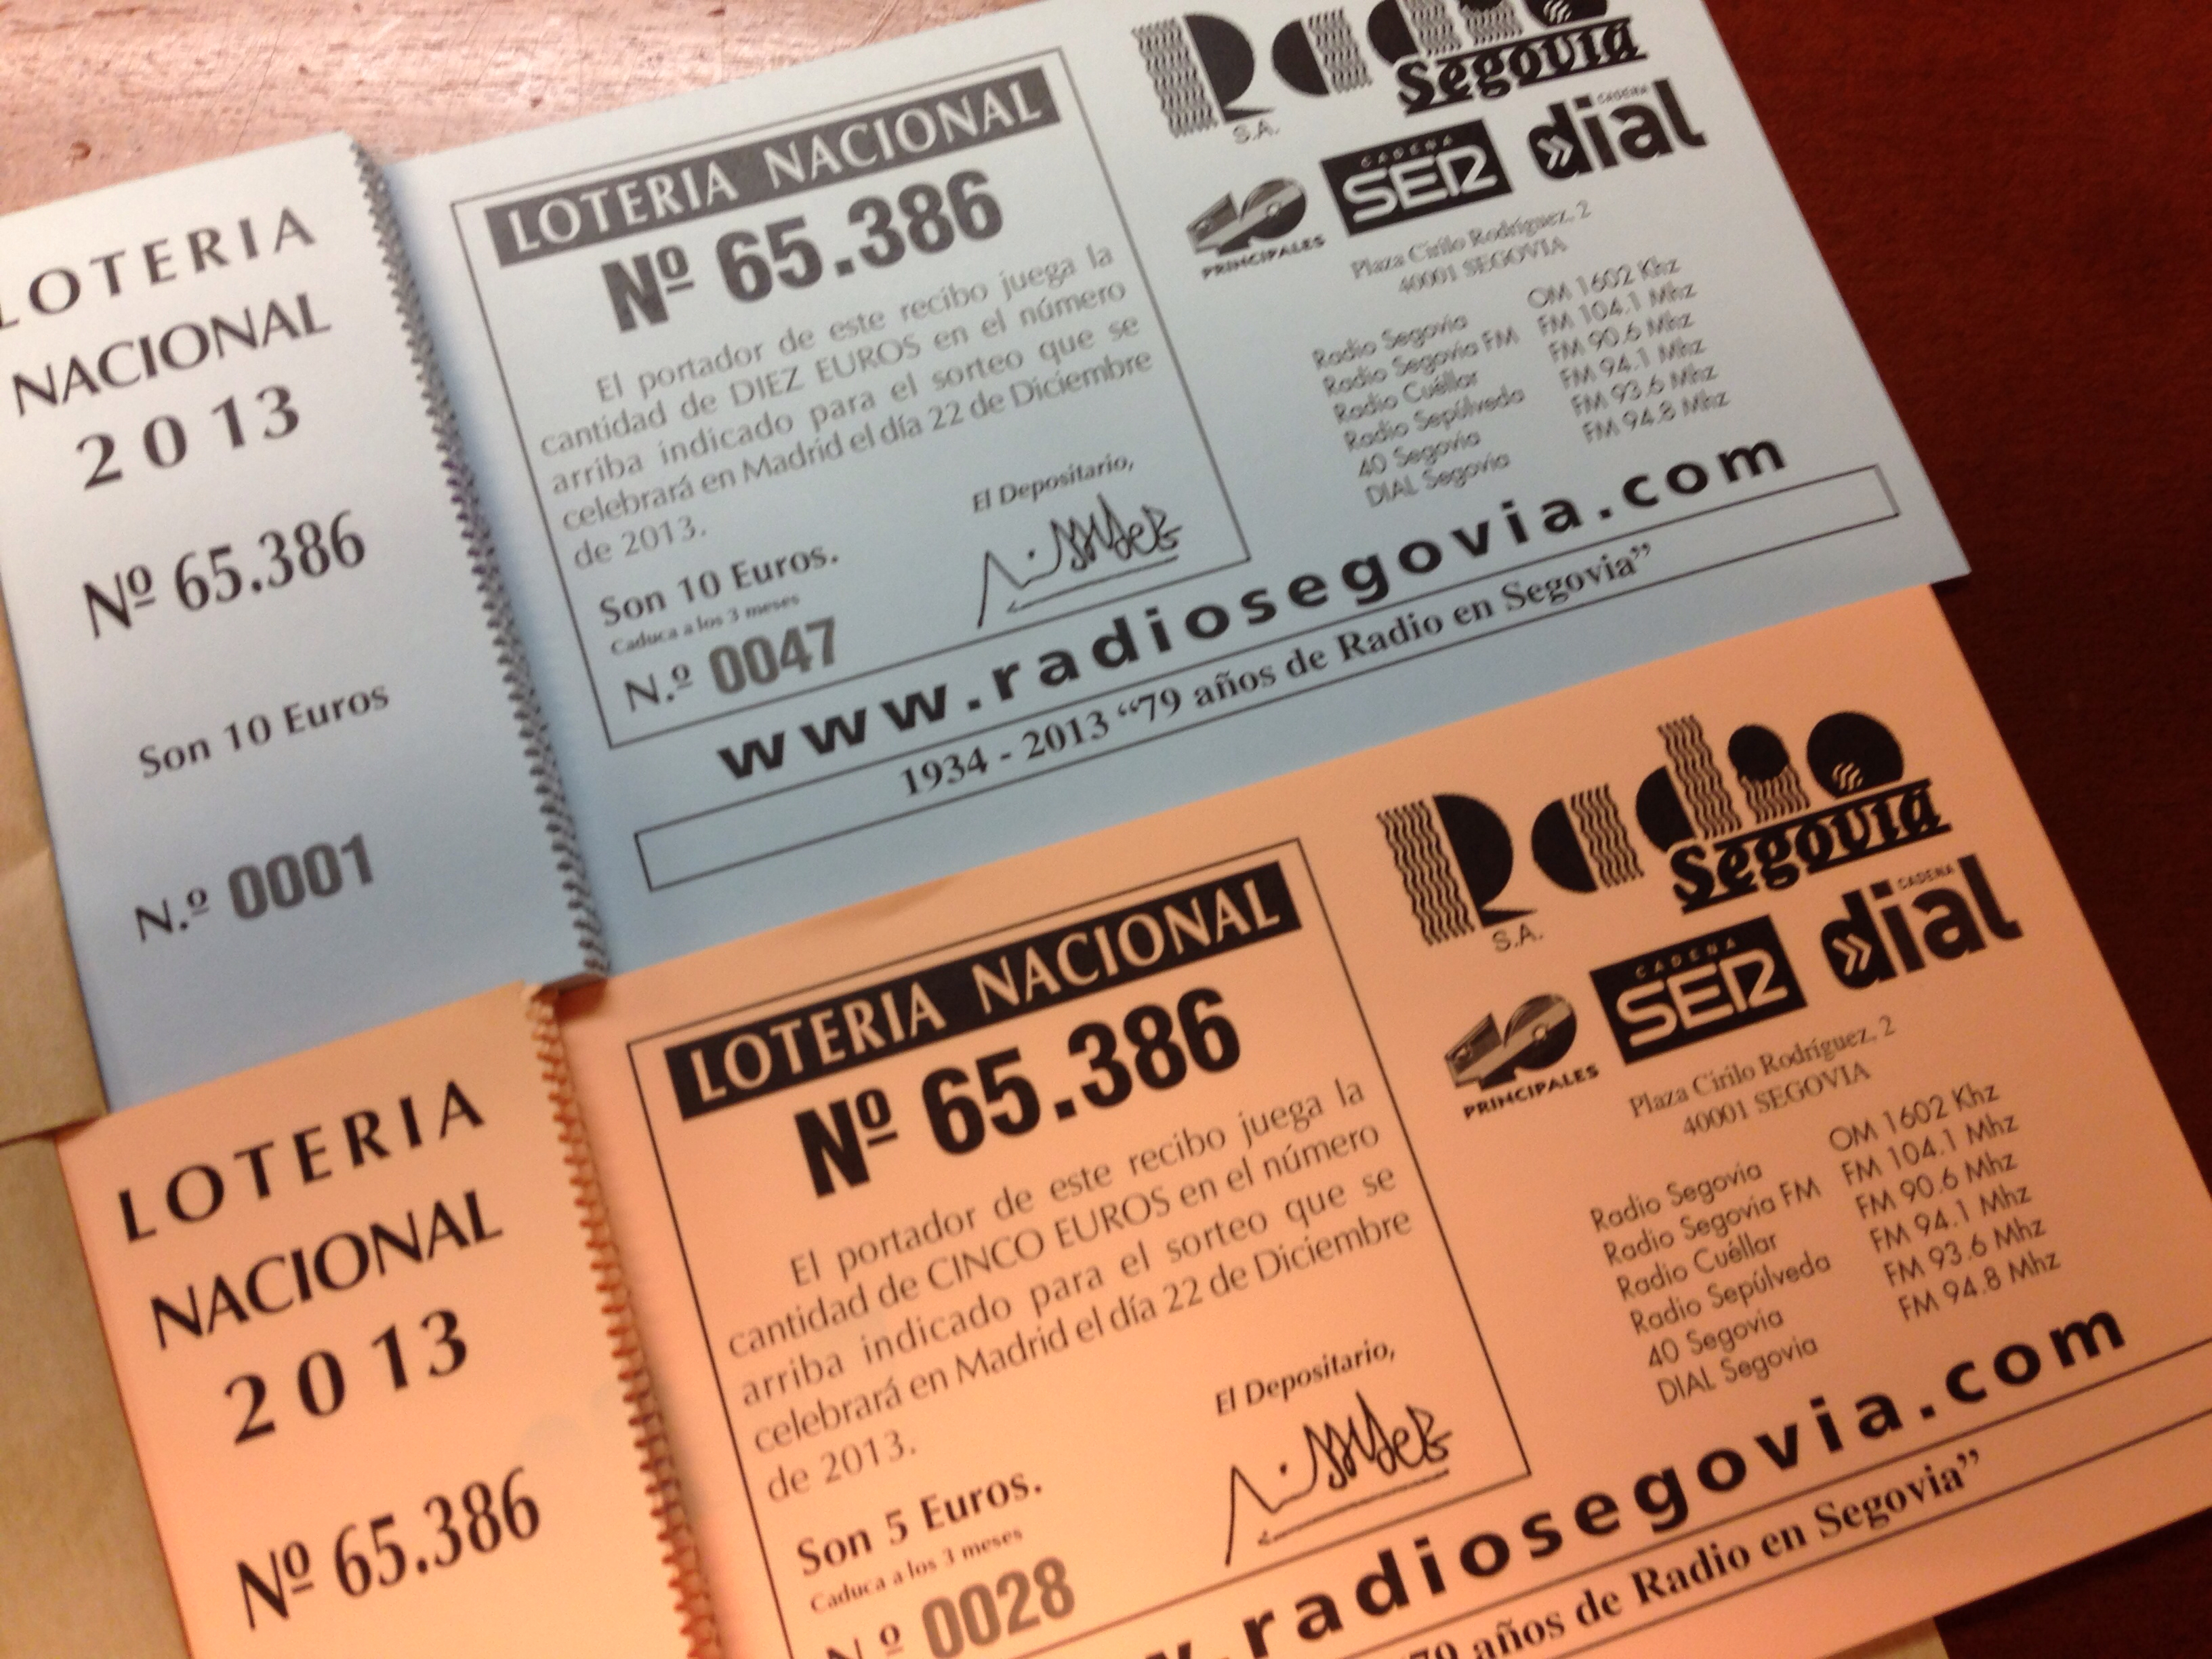 loteria radio segovia